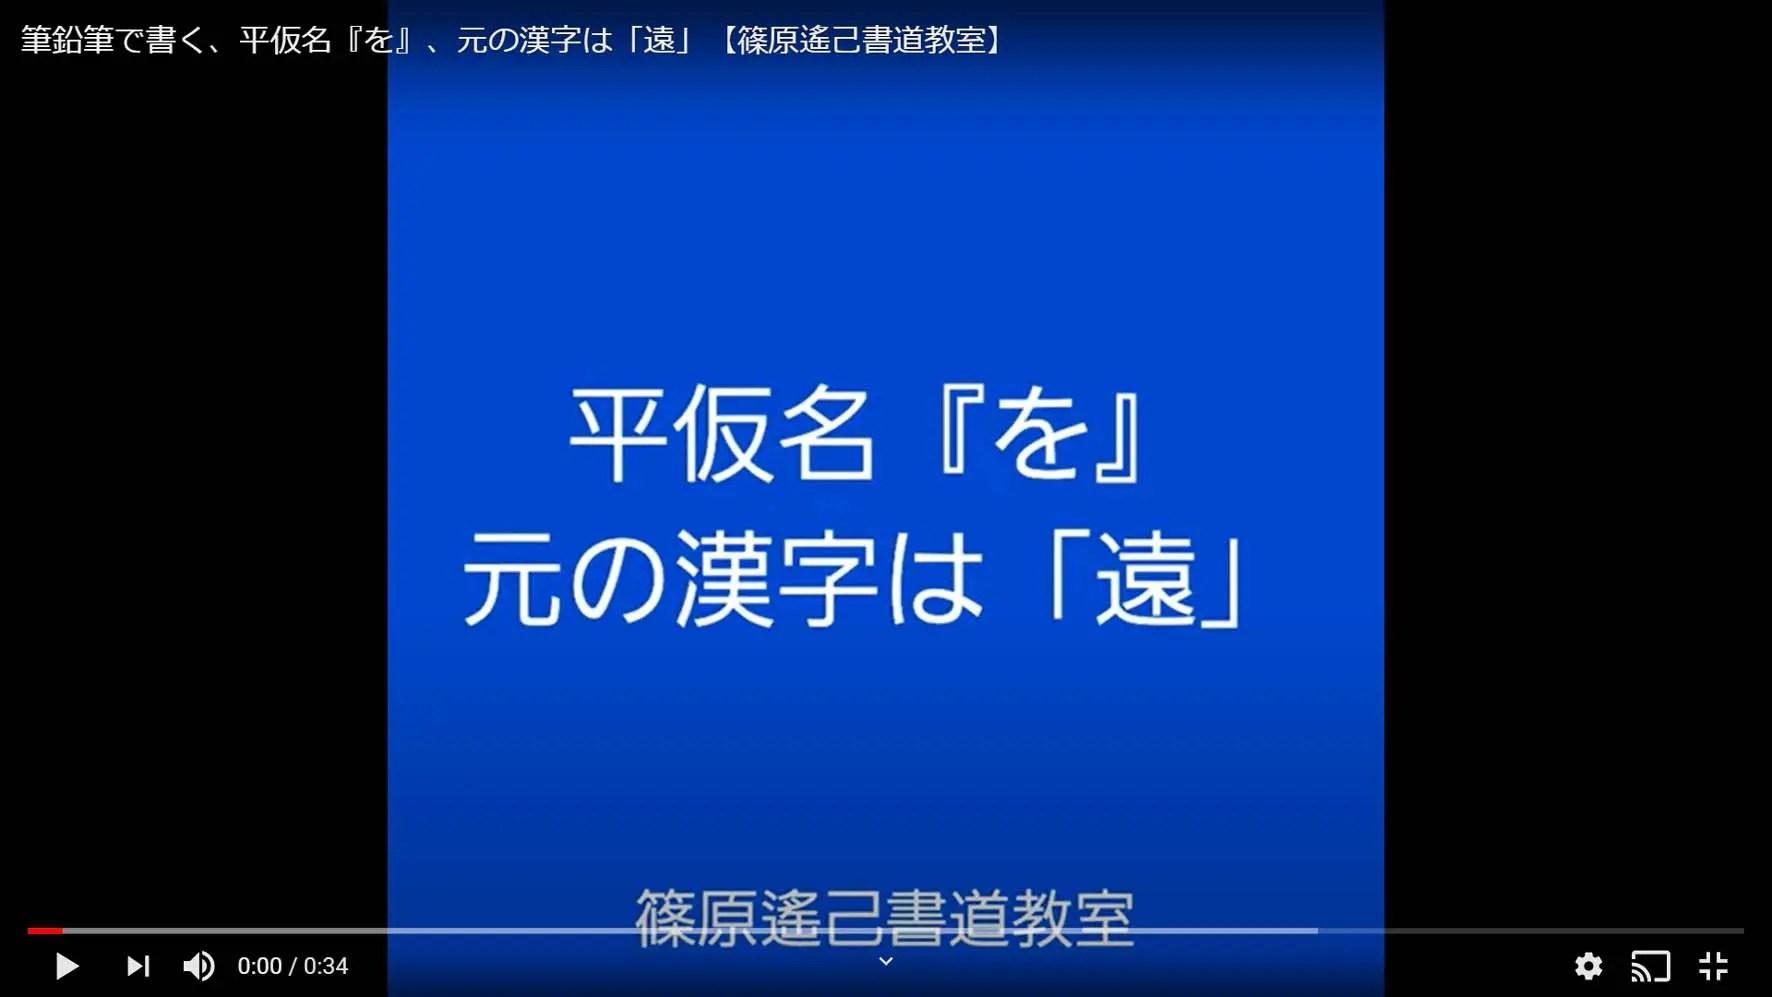 筆鉛筆で書く、平仮名『を』【手書き動画】鎌倉市長谷の書道教室